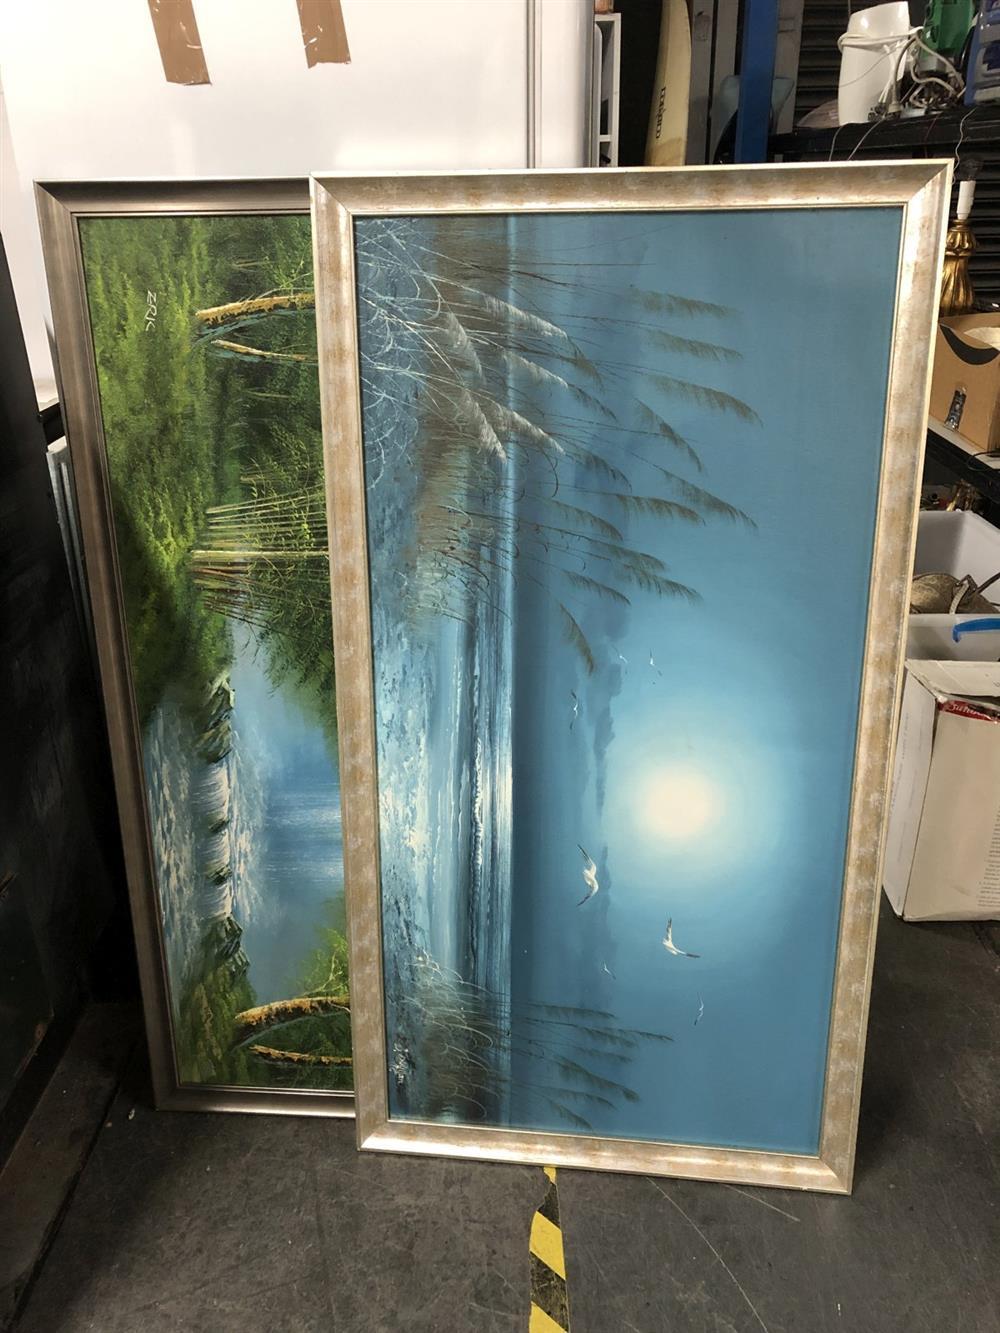 2 Works: B.Duggan - Waterfall & Artist Unknown - Landscape, oil on board